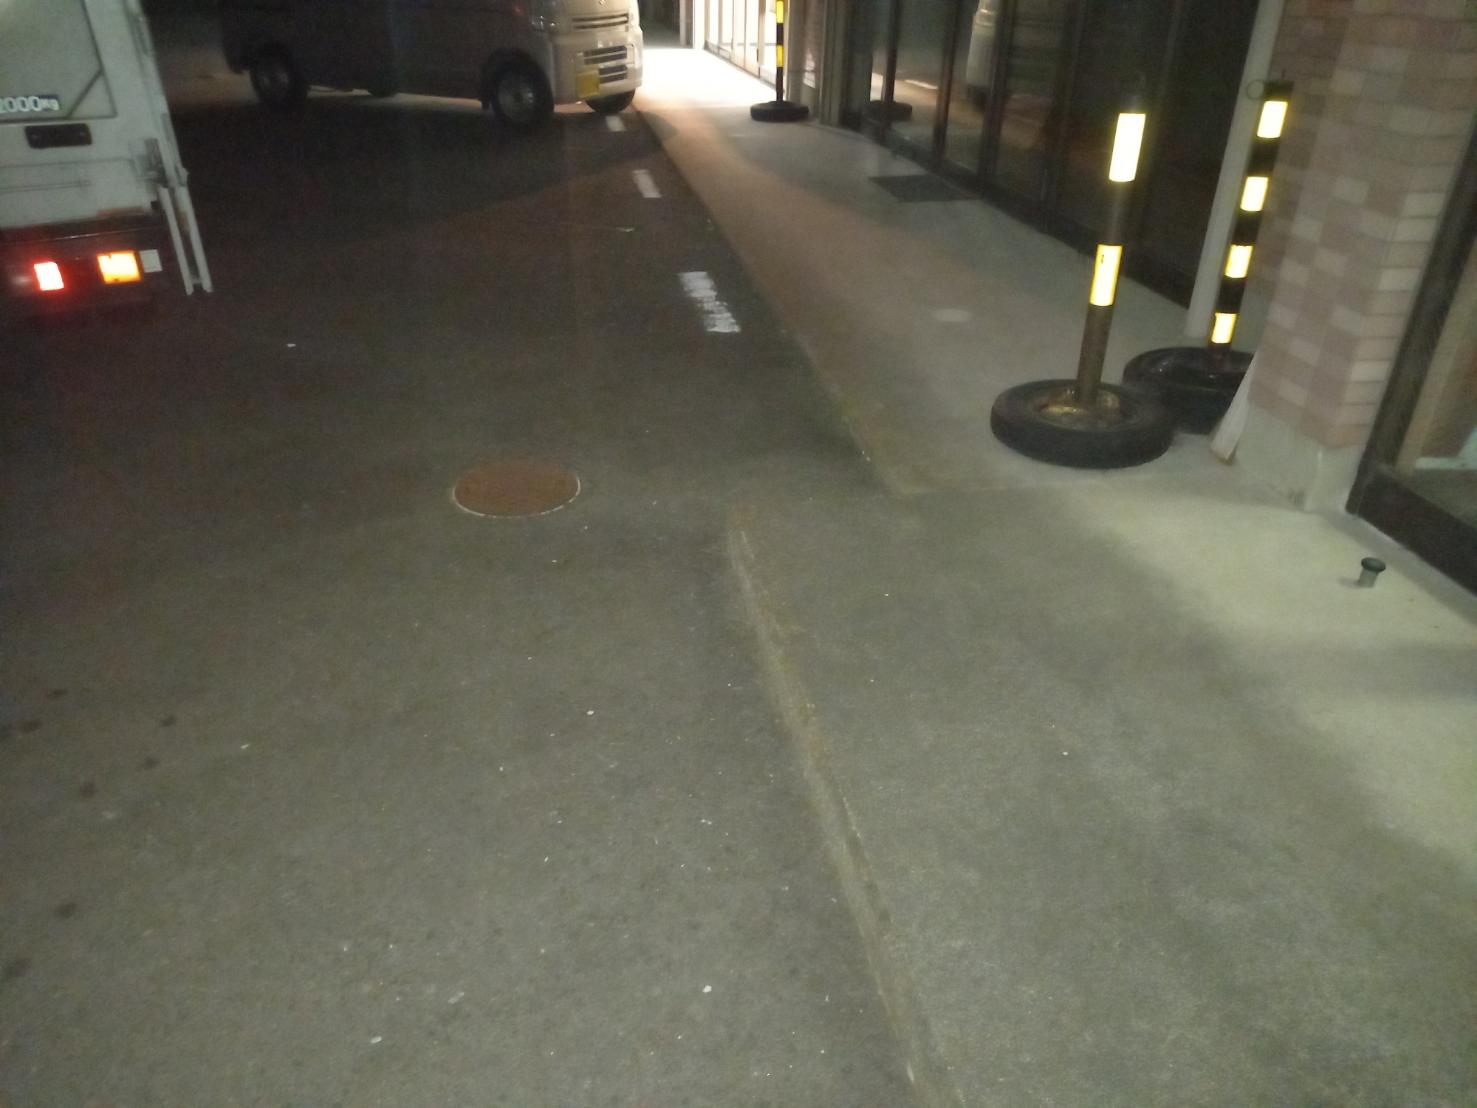 静岡県浜松市の冷蔵庫・冷凍庫の回収後